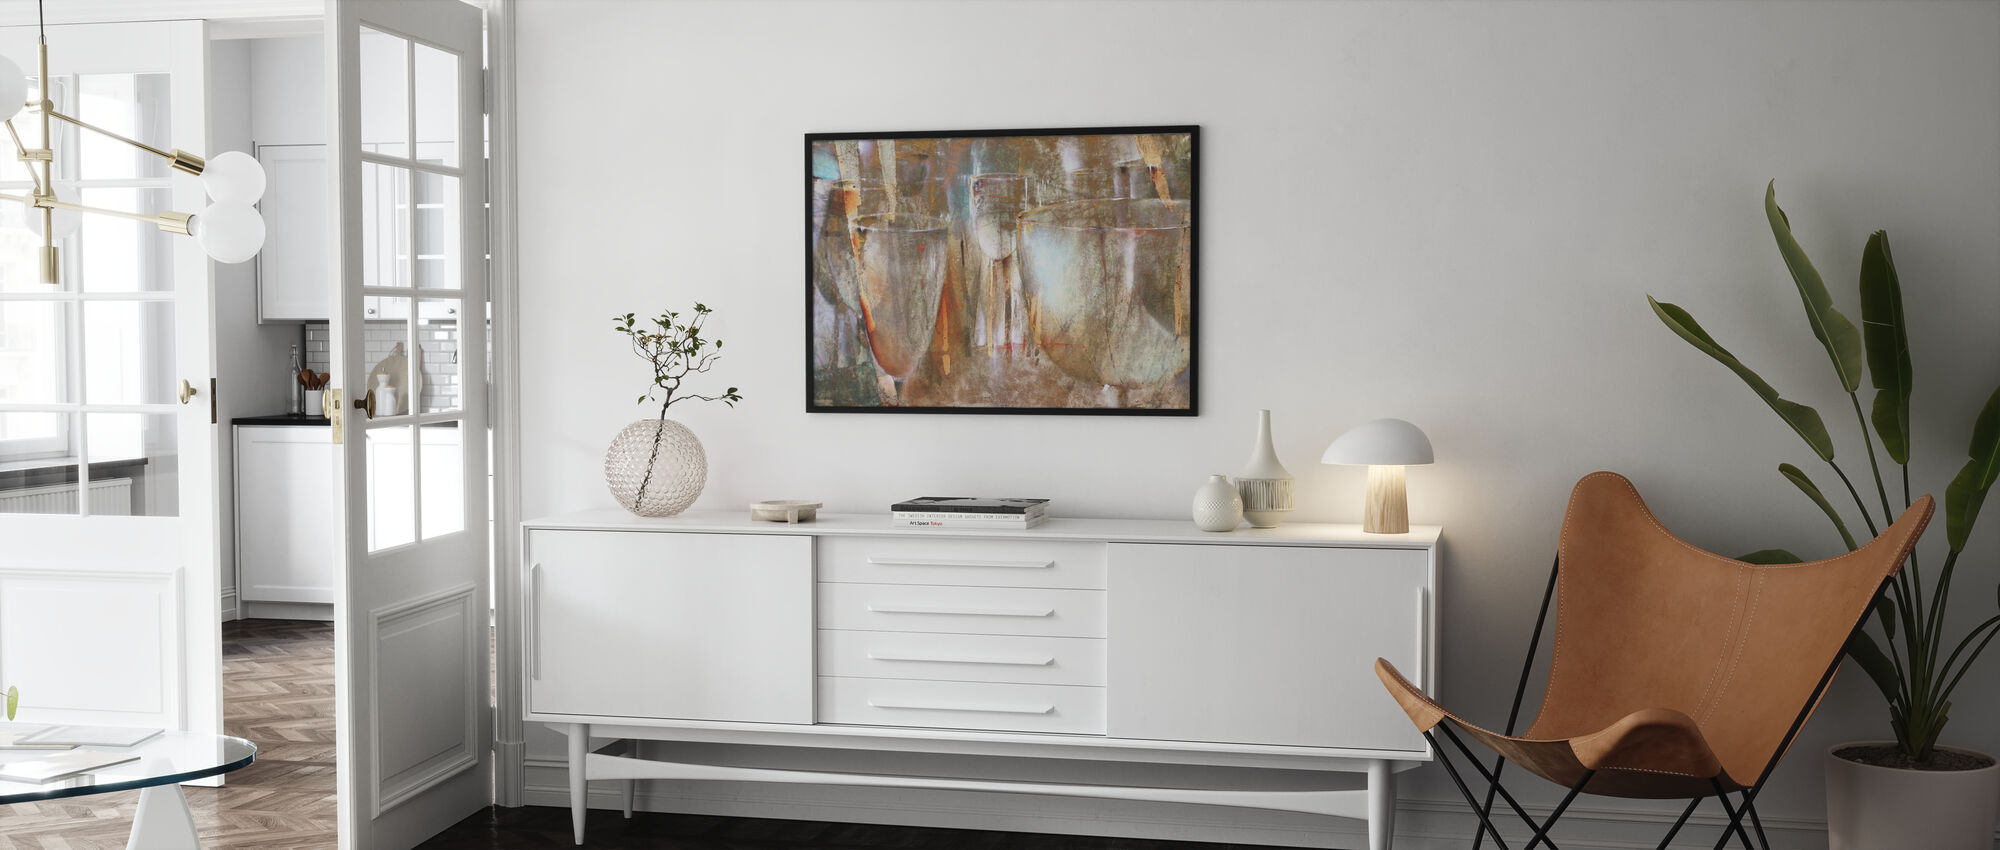 Licht Show - Ingelijste print - Woonkamer